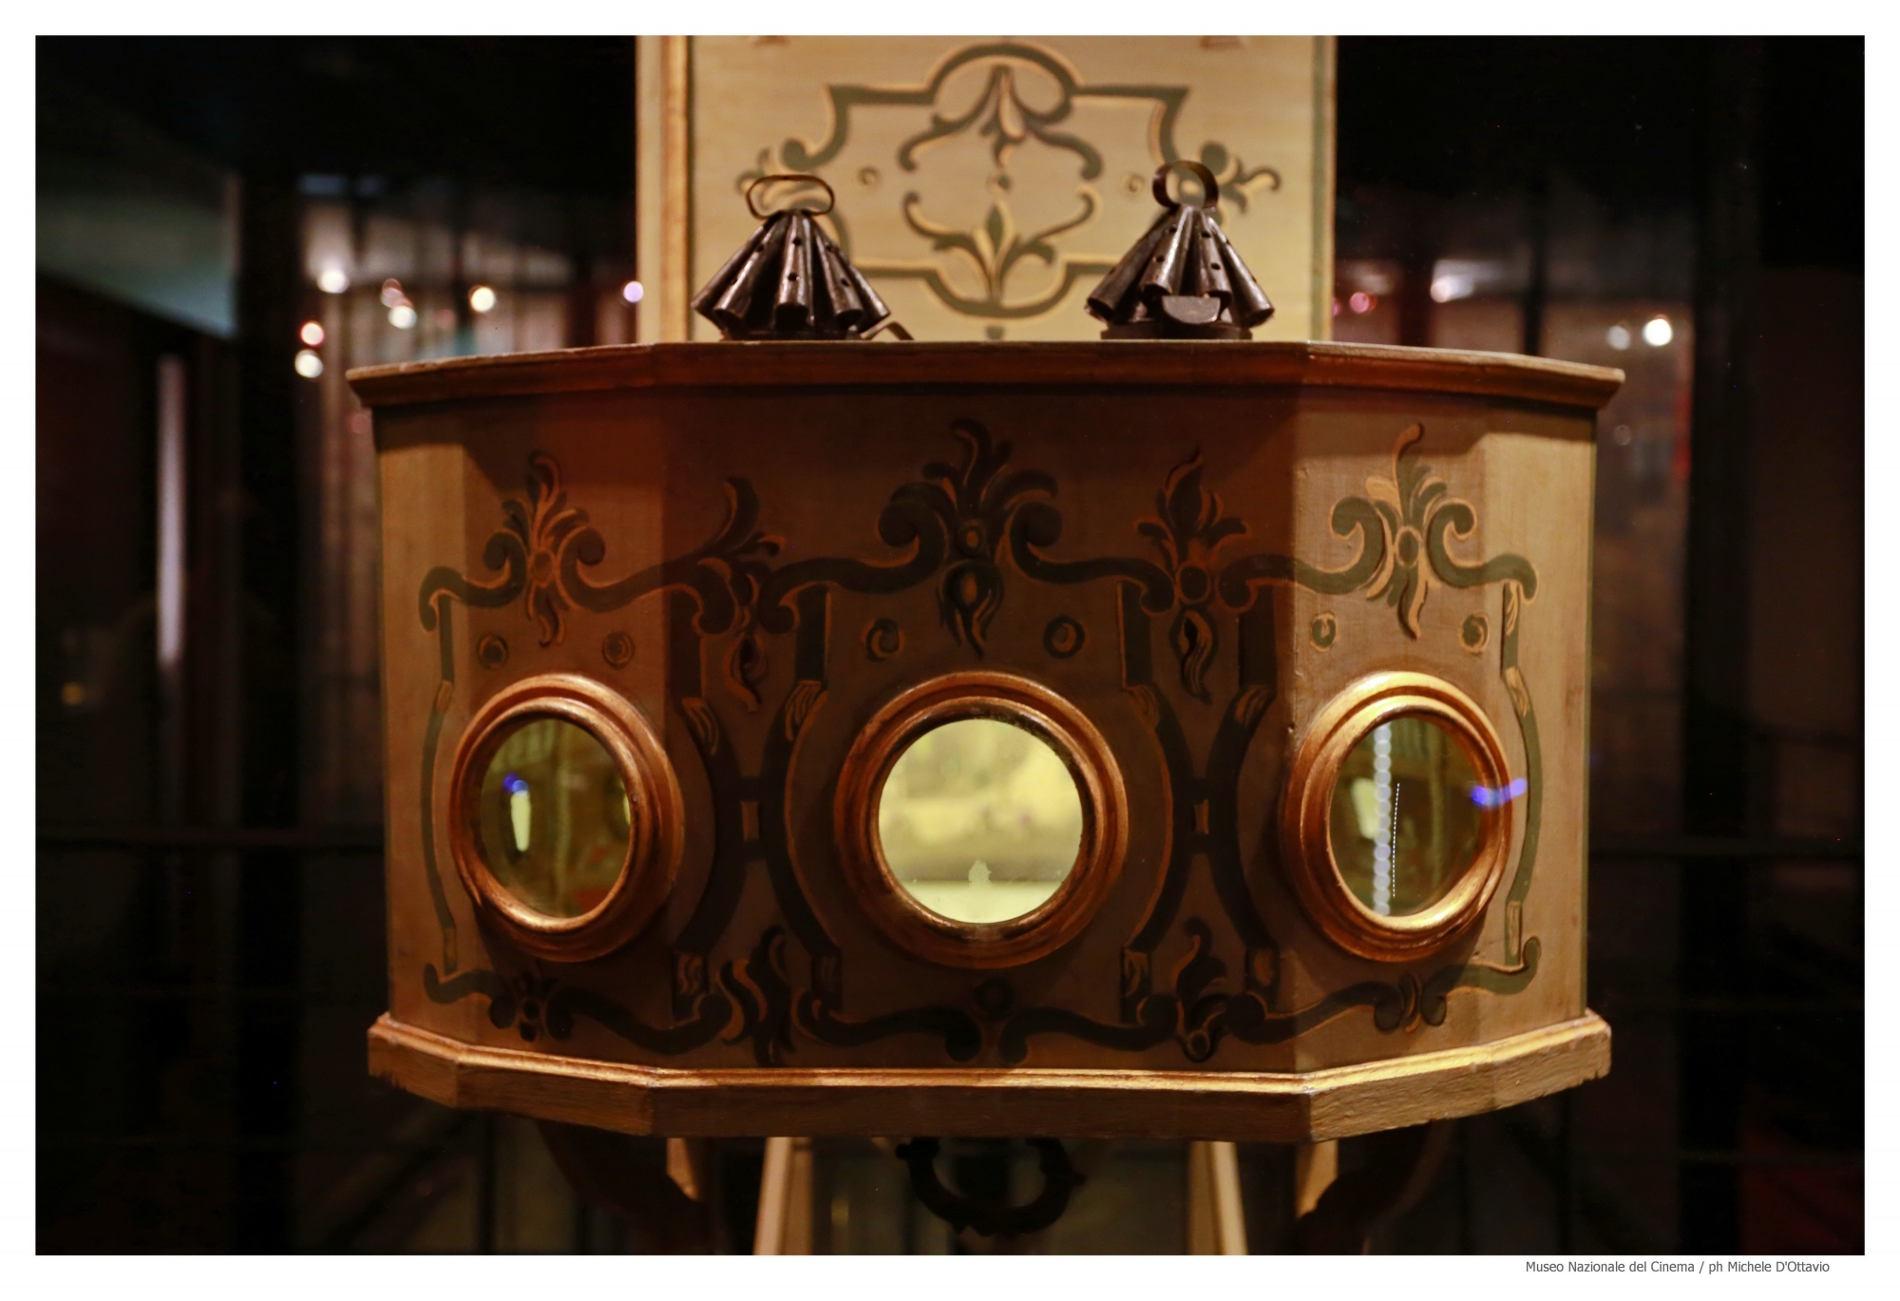 Lanterna magica: i primi cinematografi- Testimonianza storica nel Museo del Cinema nella Mole Antonelliana di torino (Foto credits da @Museo del Cinema)